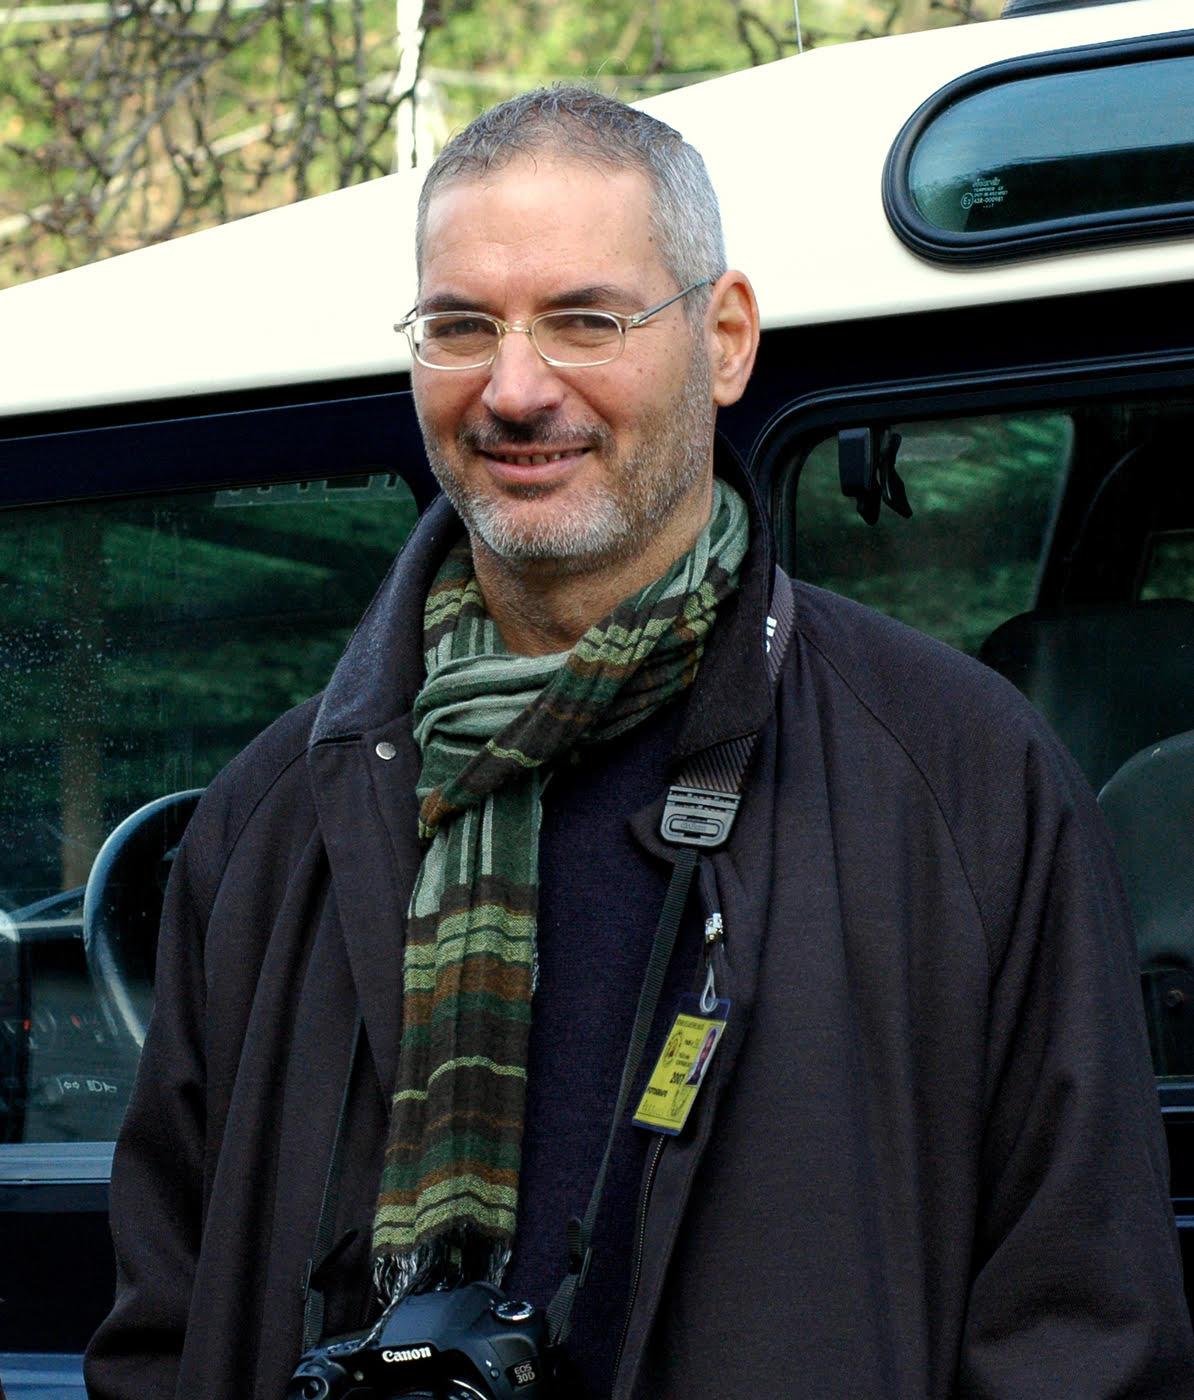 ClaudioParducci